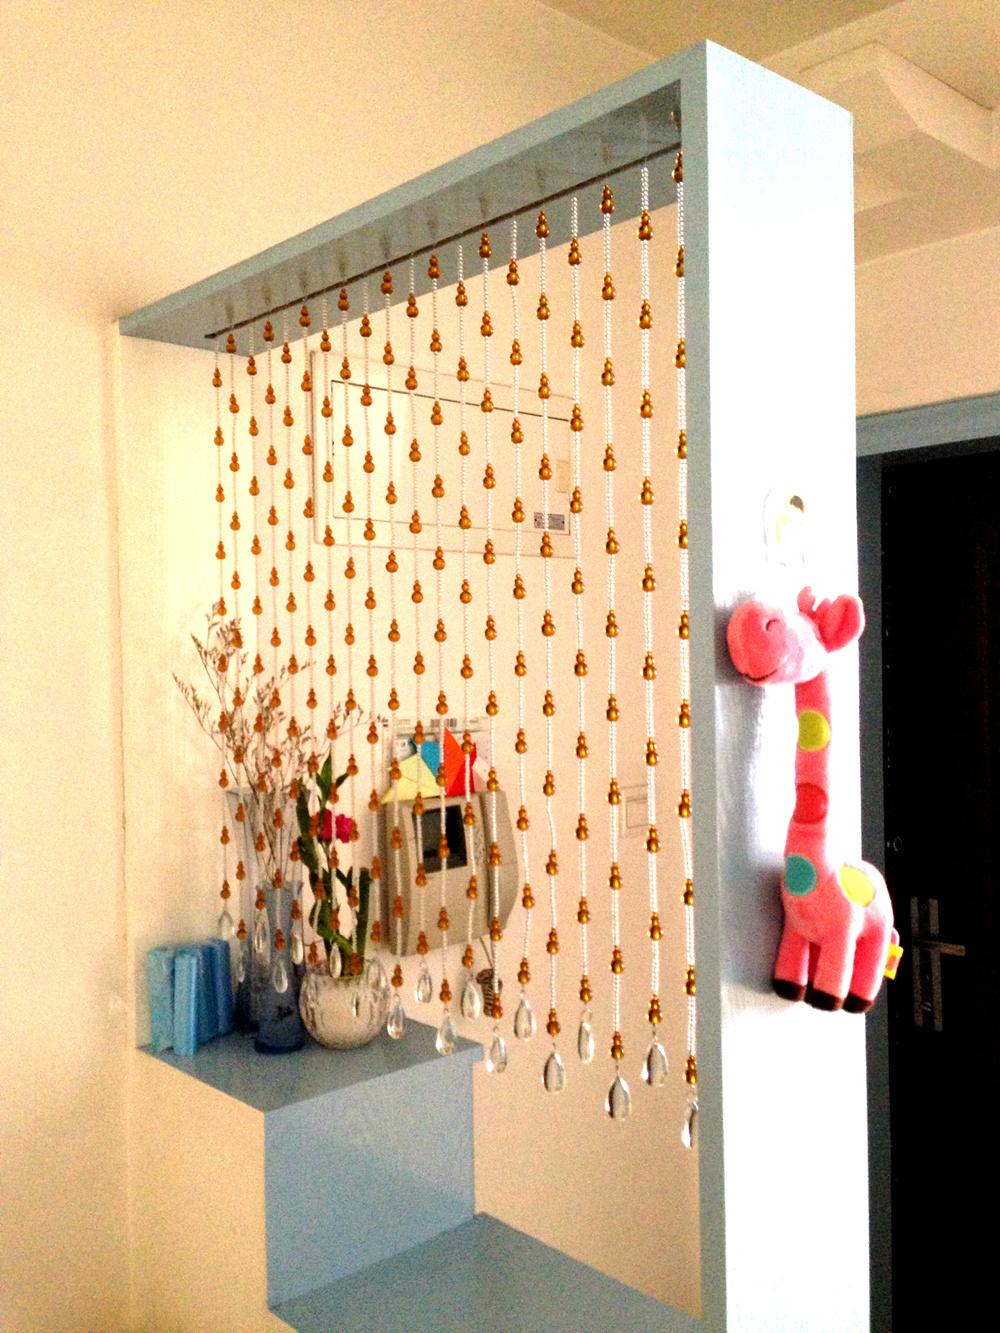 洛曼斯珠帘风水葫芦珠帘门帘水晶隔断帘成品客厅玄关玻璃挂帘装饰